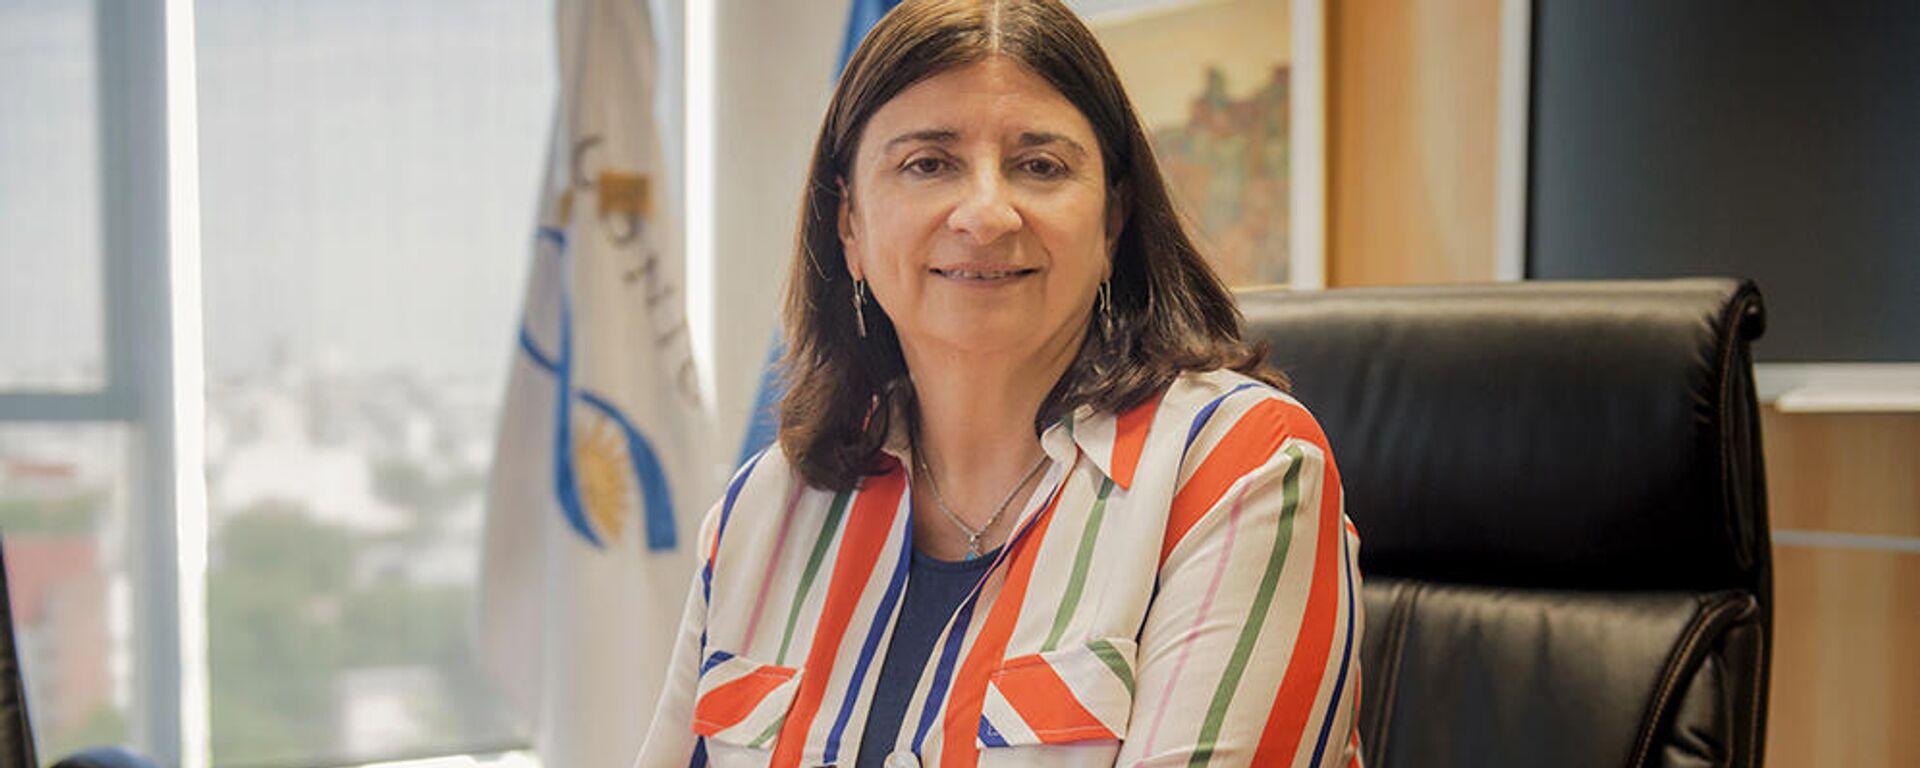 Presidenta del Consejo Nacional de Investigaciones Científicas y Técnicas (Conicet), Ana Franchi  - Sputnik Mundo, 1920, 21.09.2021